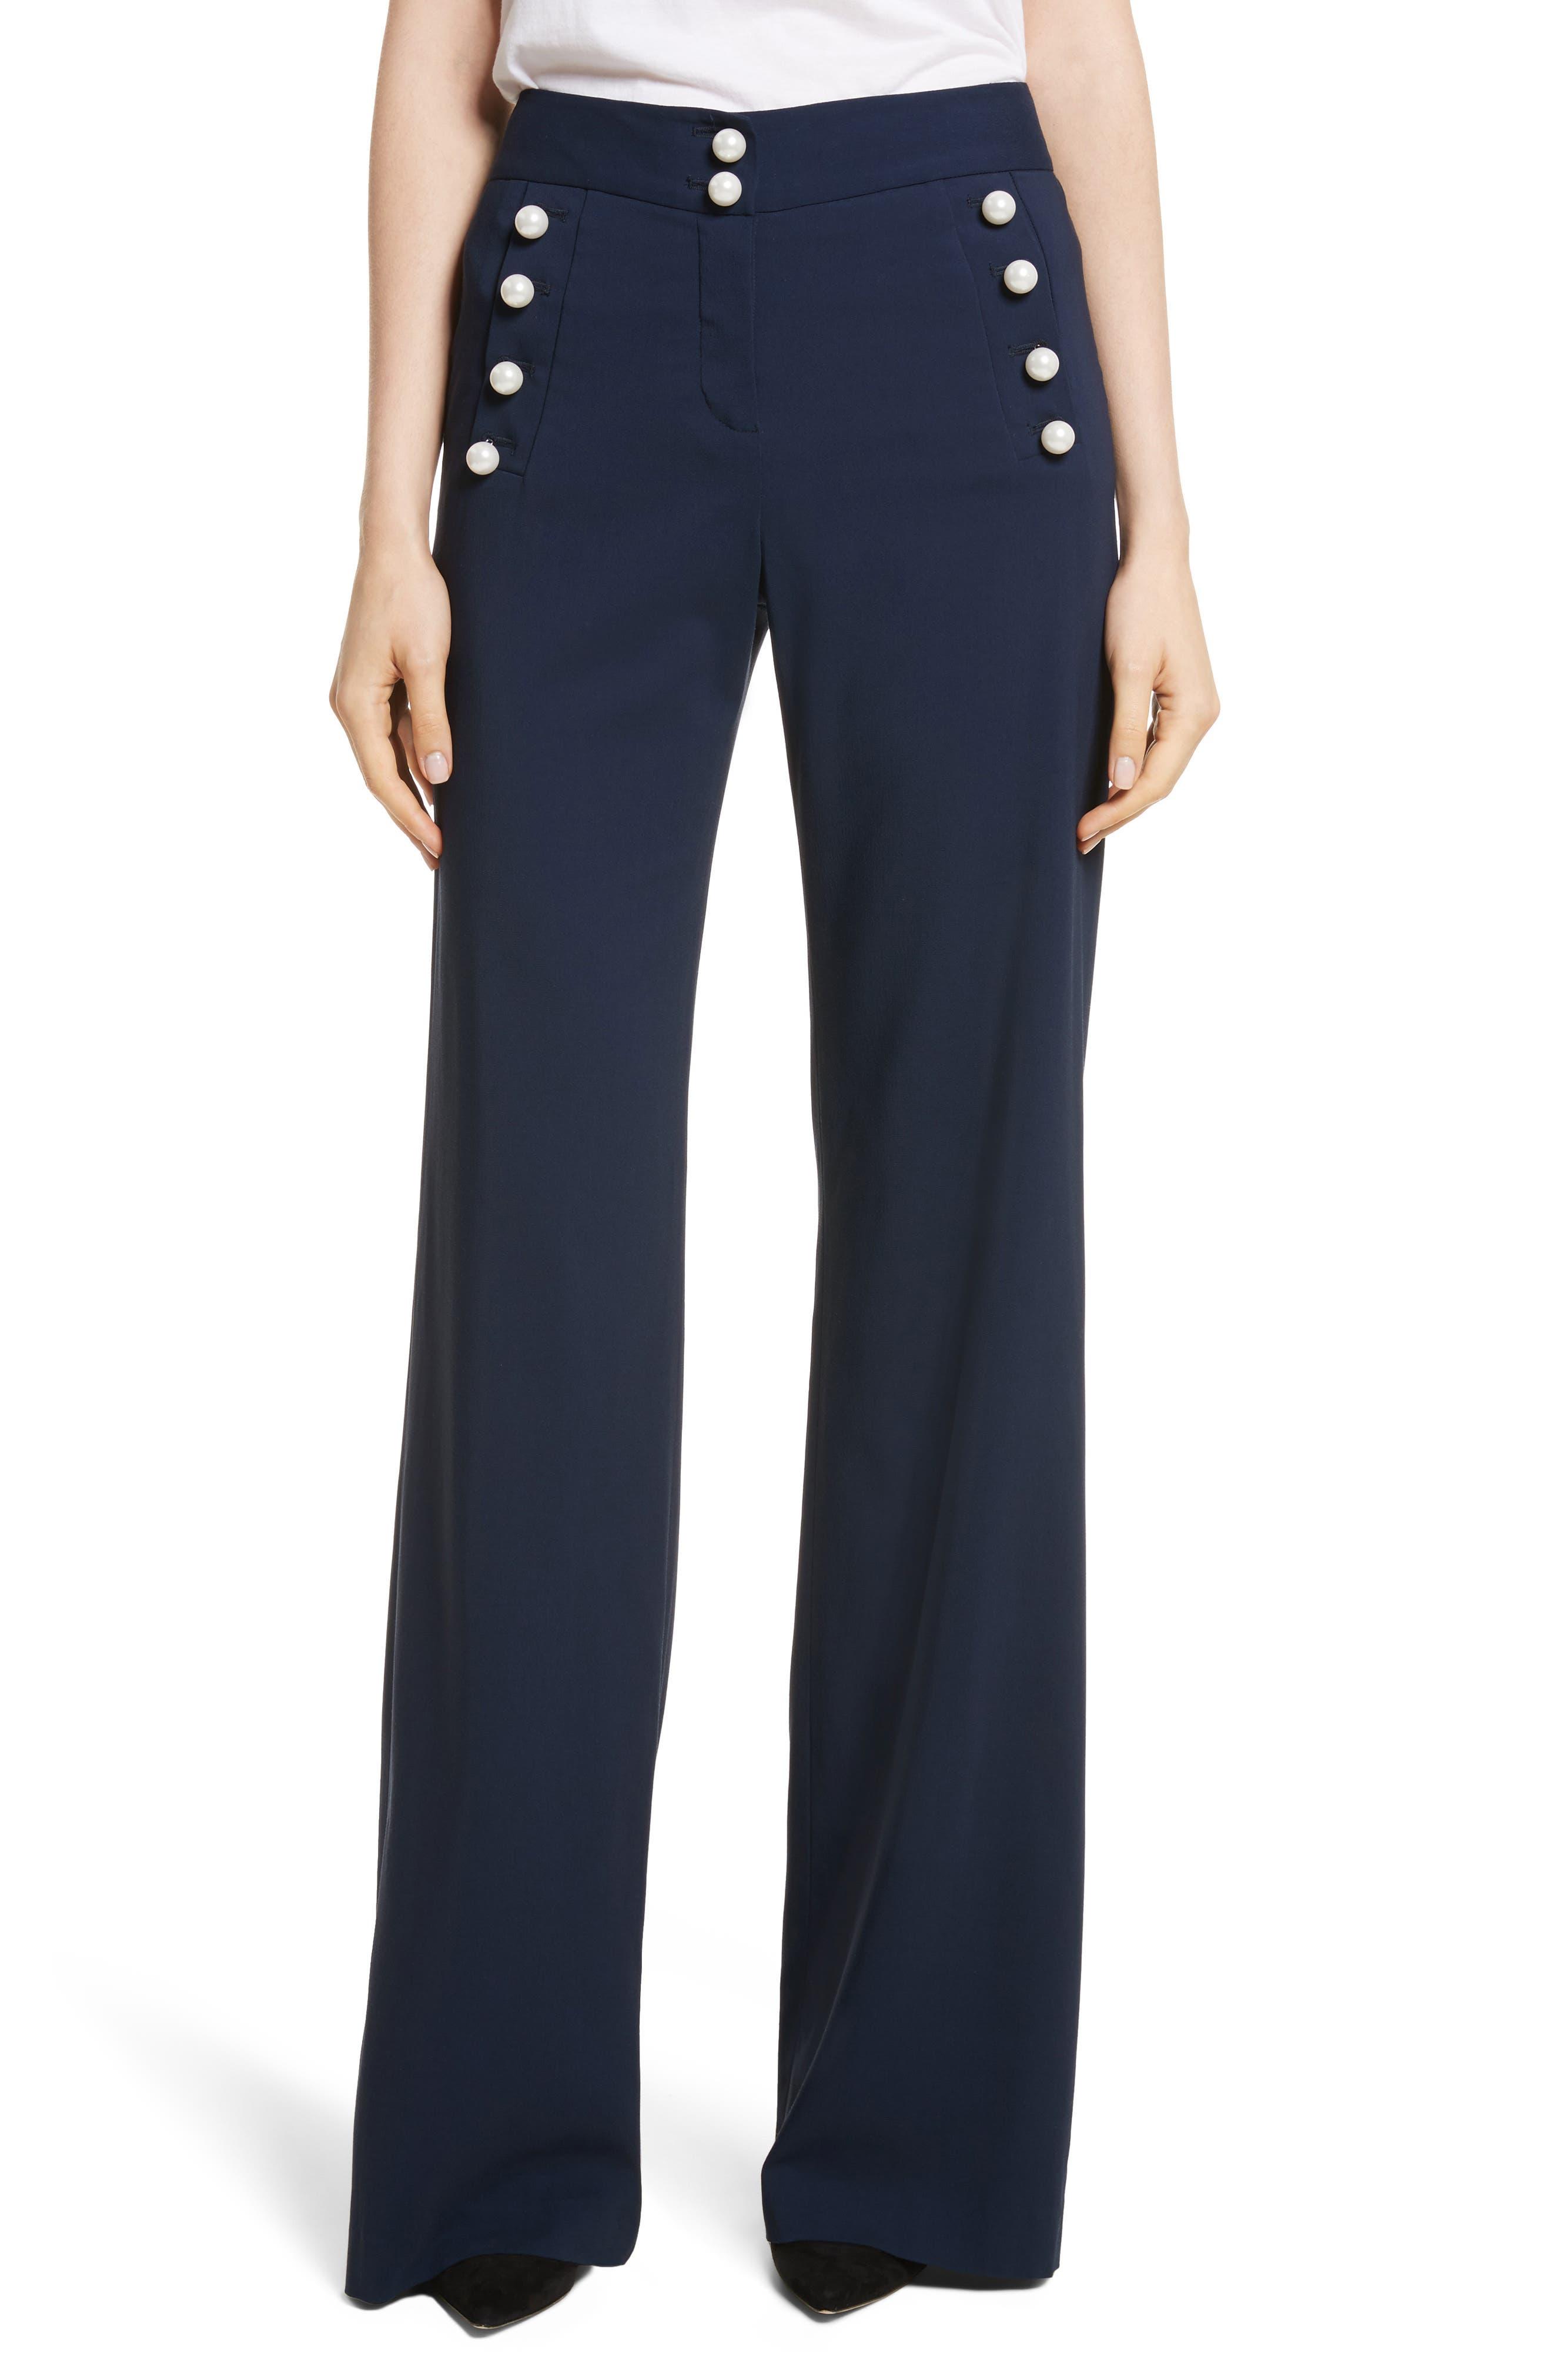 Adley Sailor Pants,                         Main,                         color, 410